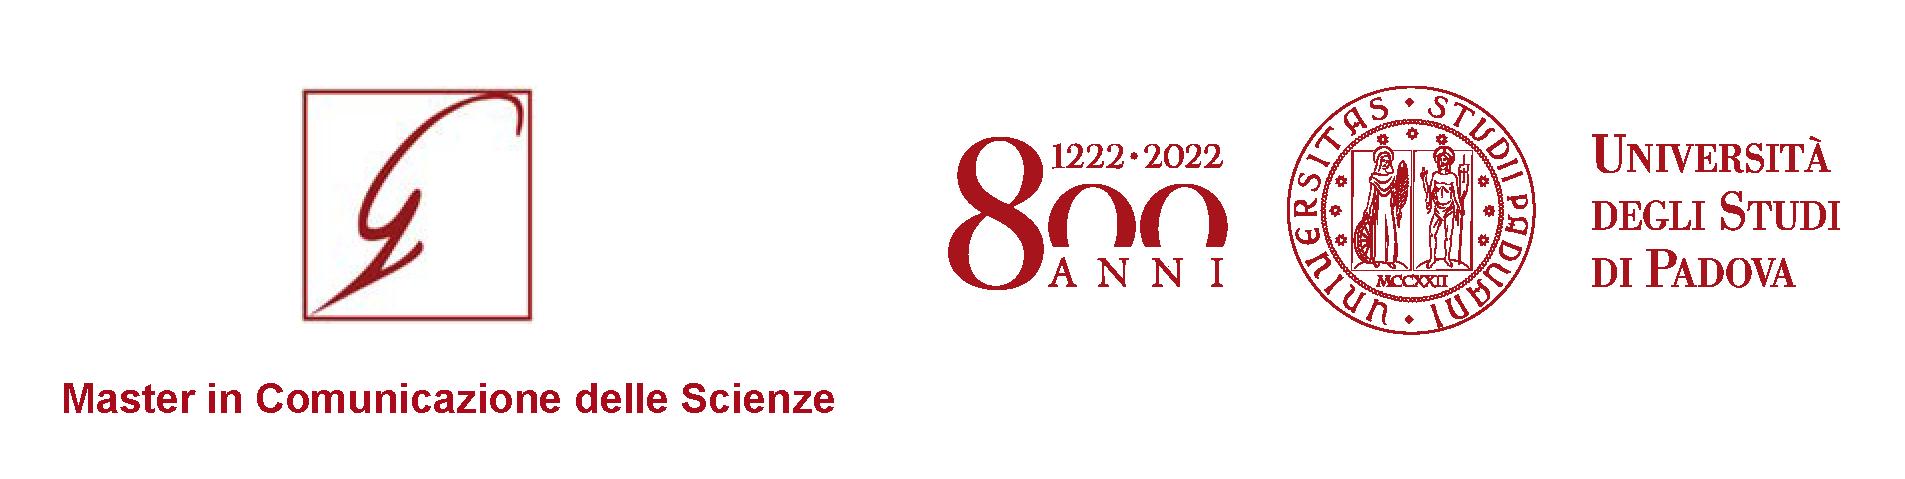 Master in Comunicazione delle Scienze (Università degli Studi di Padova)